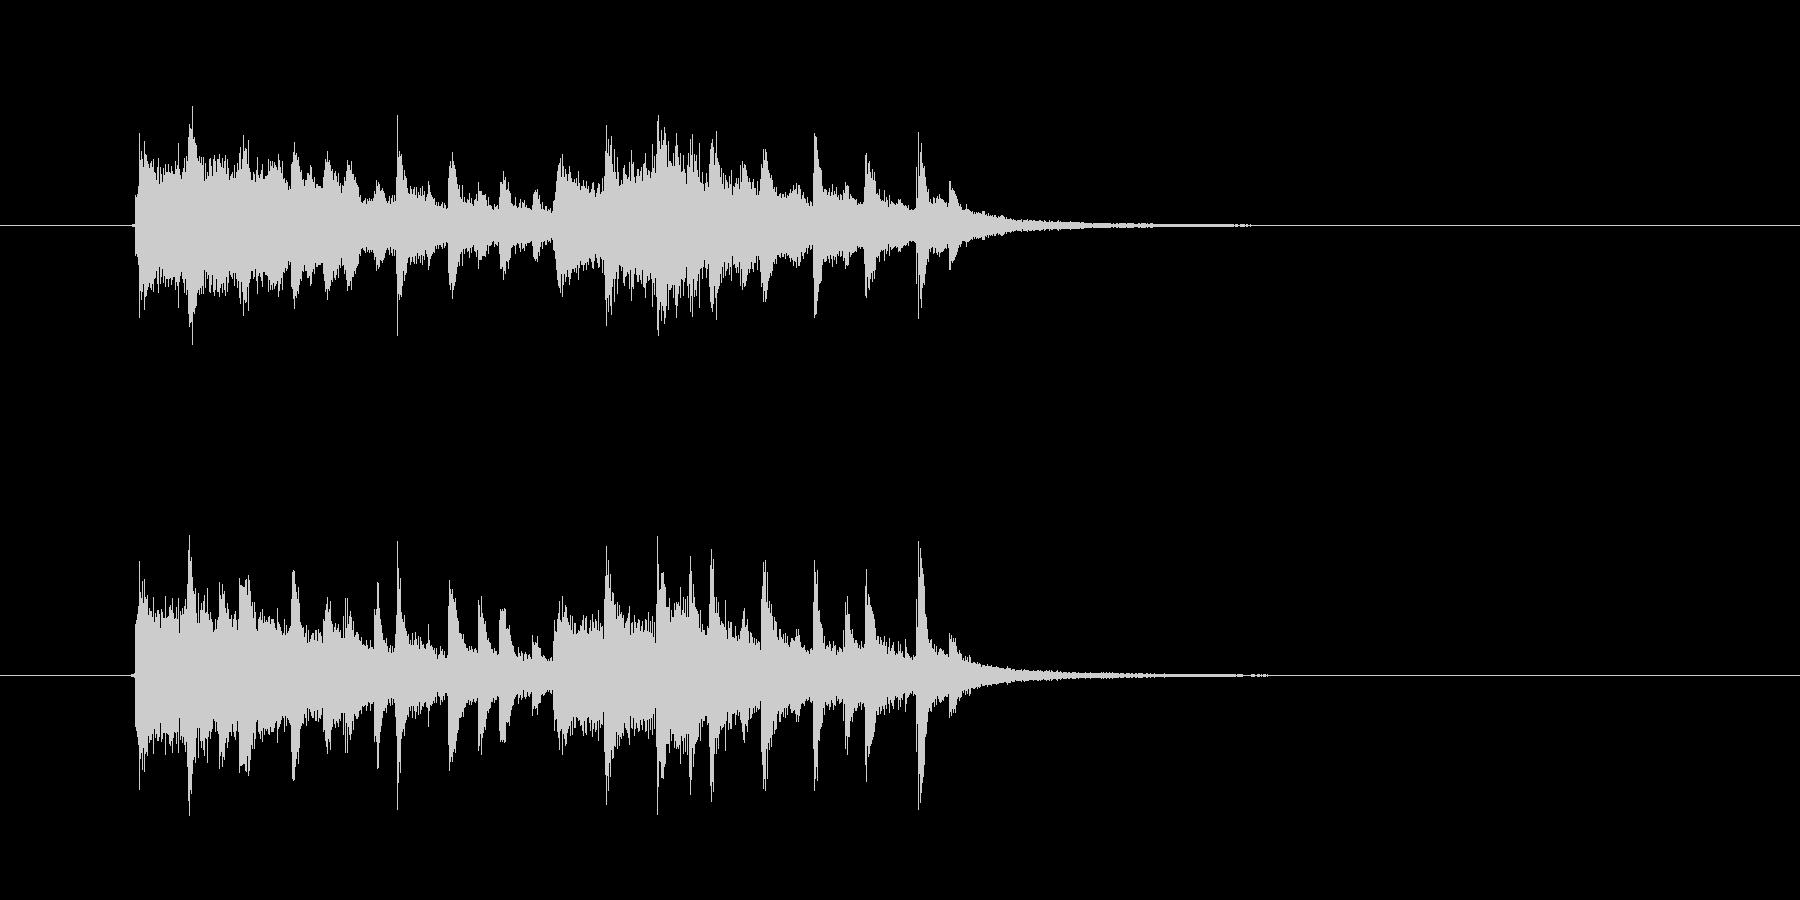 幻想的でキャッチ―なシンセジングルの未再生の波形